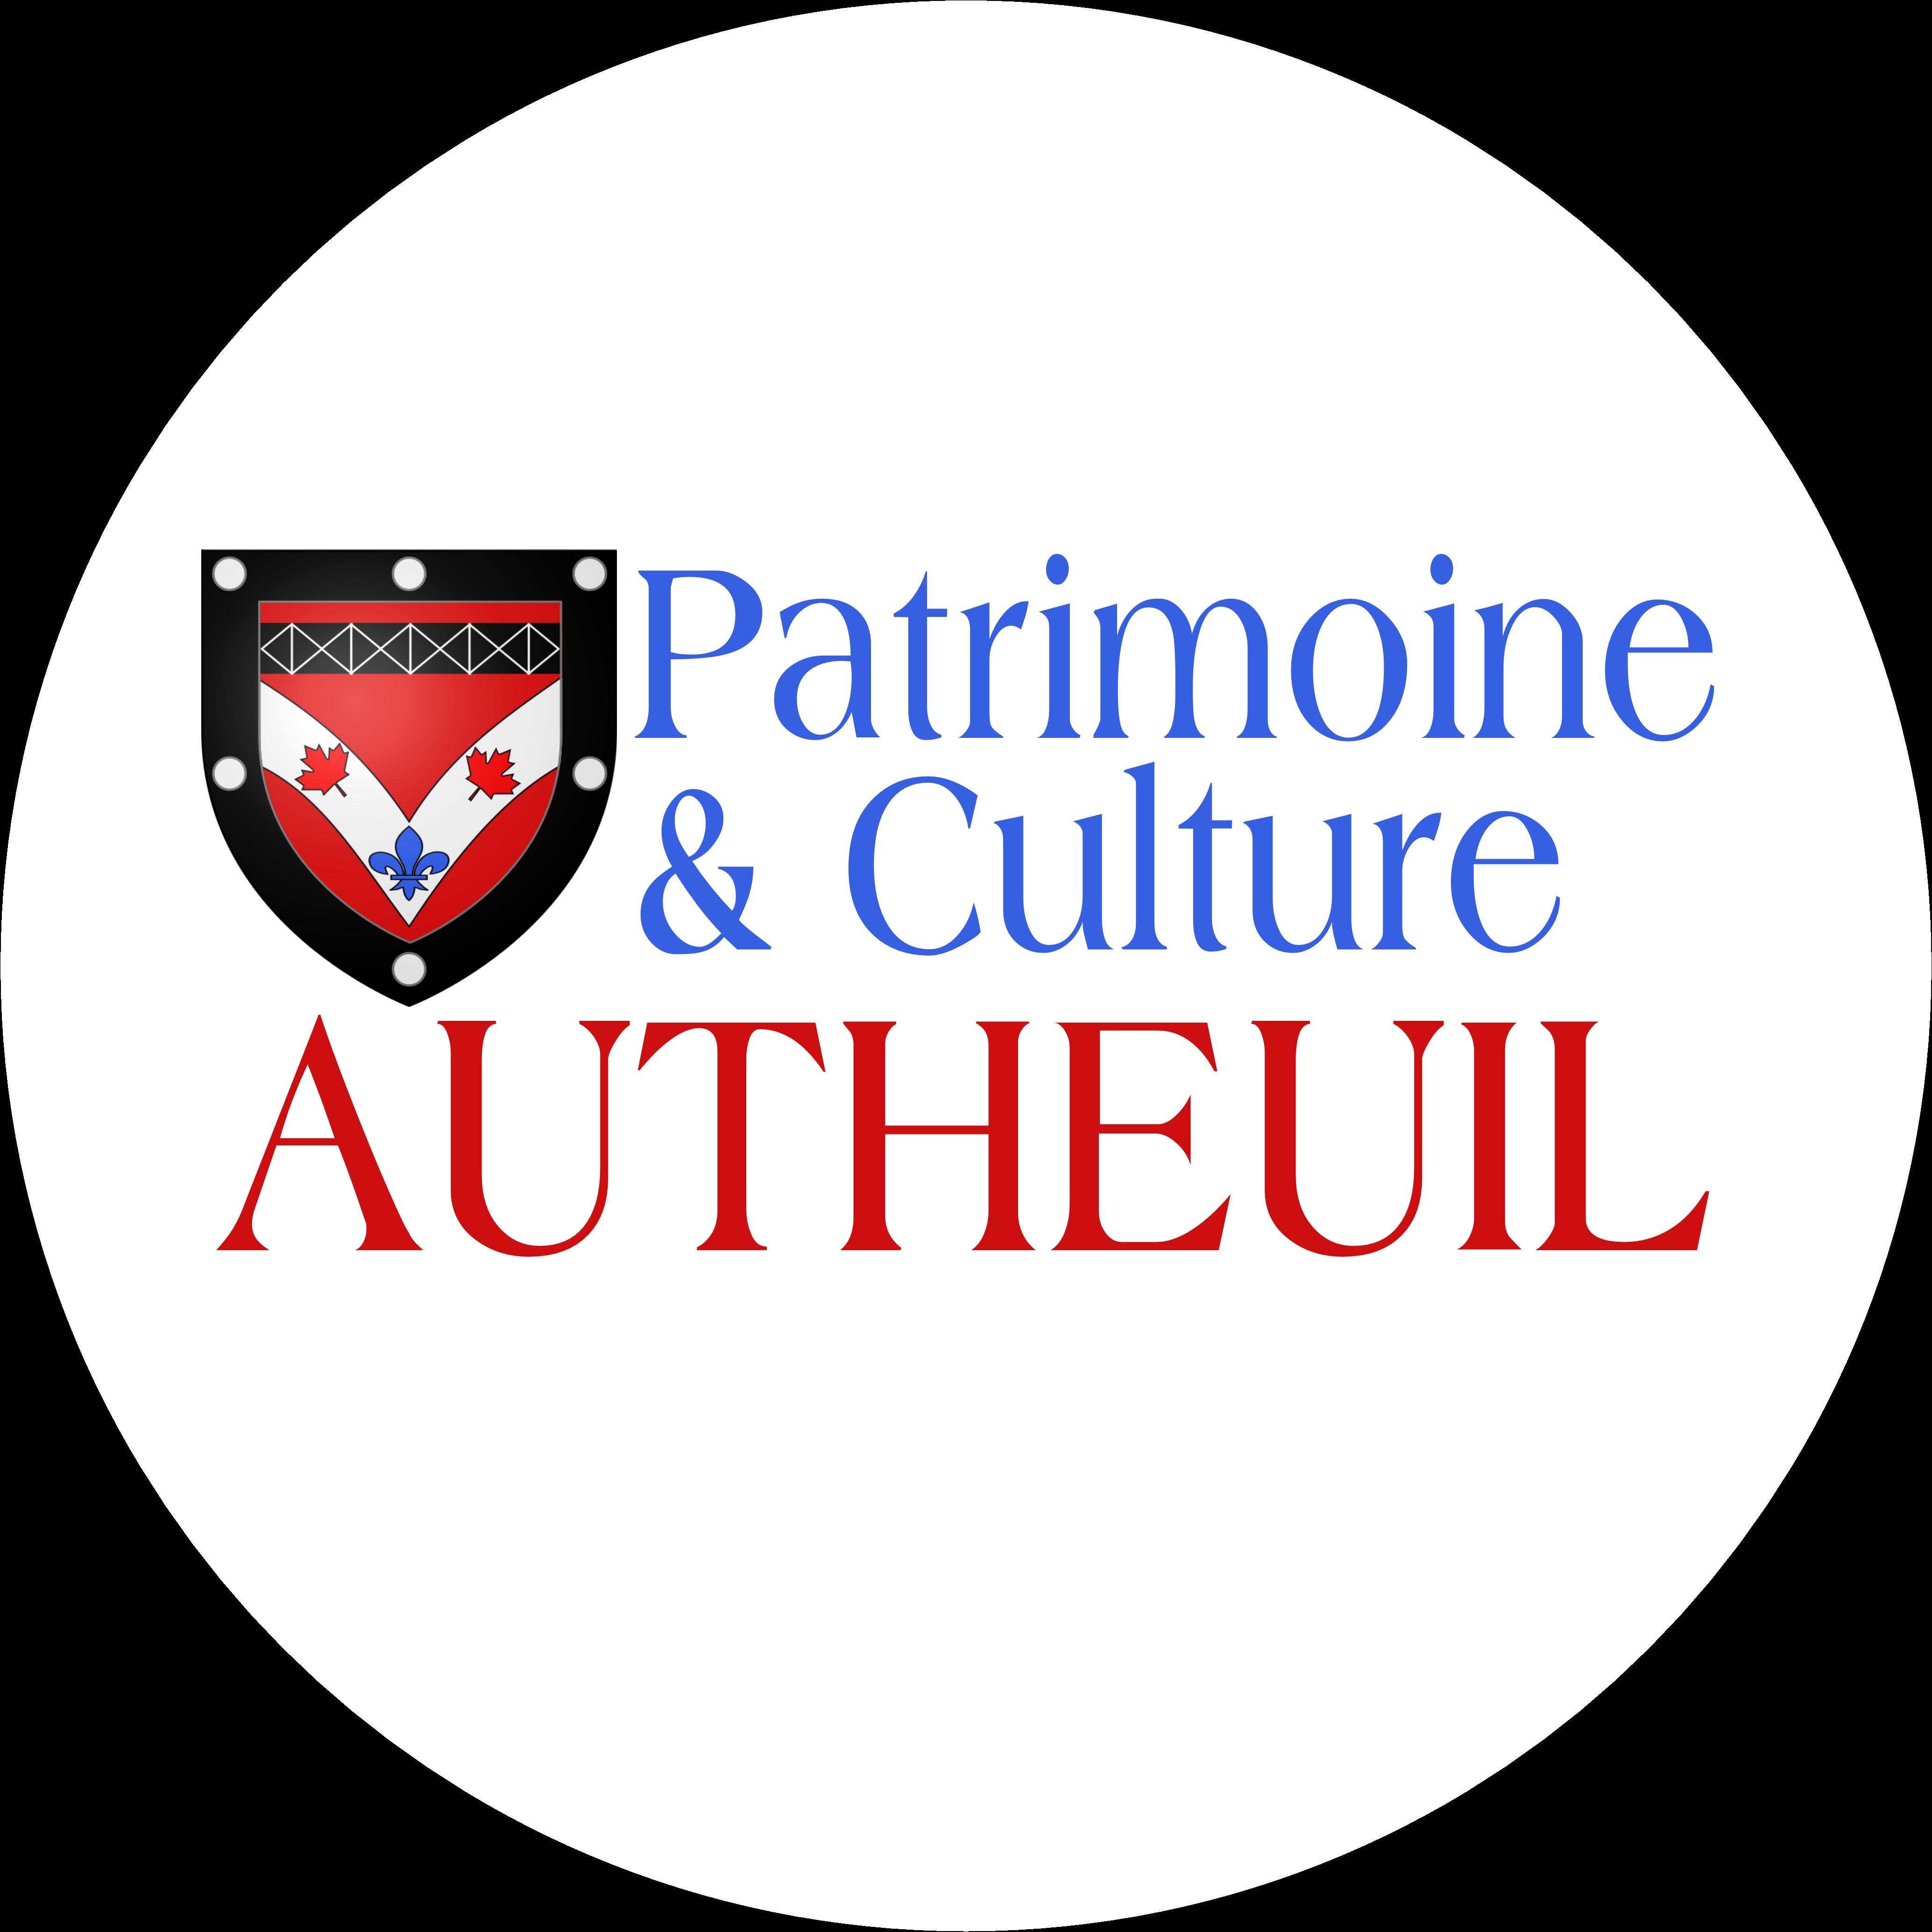 Autheuil Patrimoine et Culture